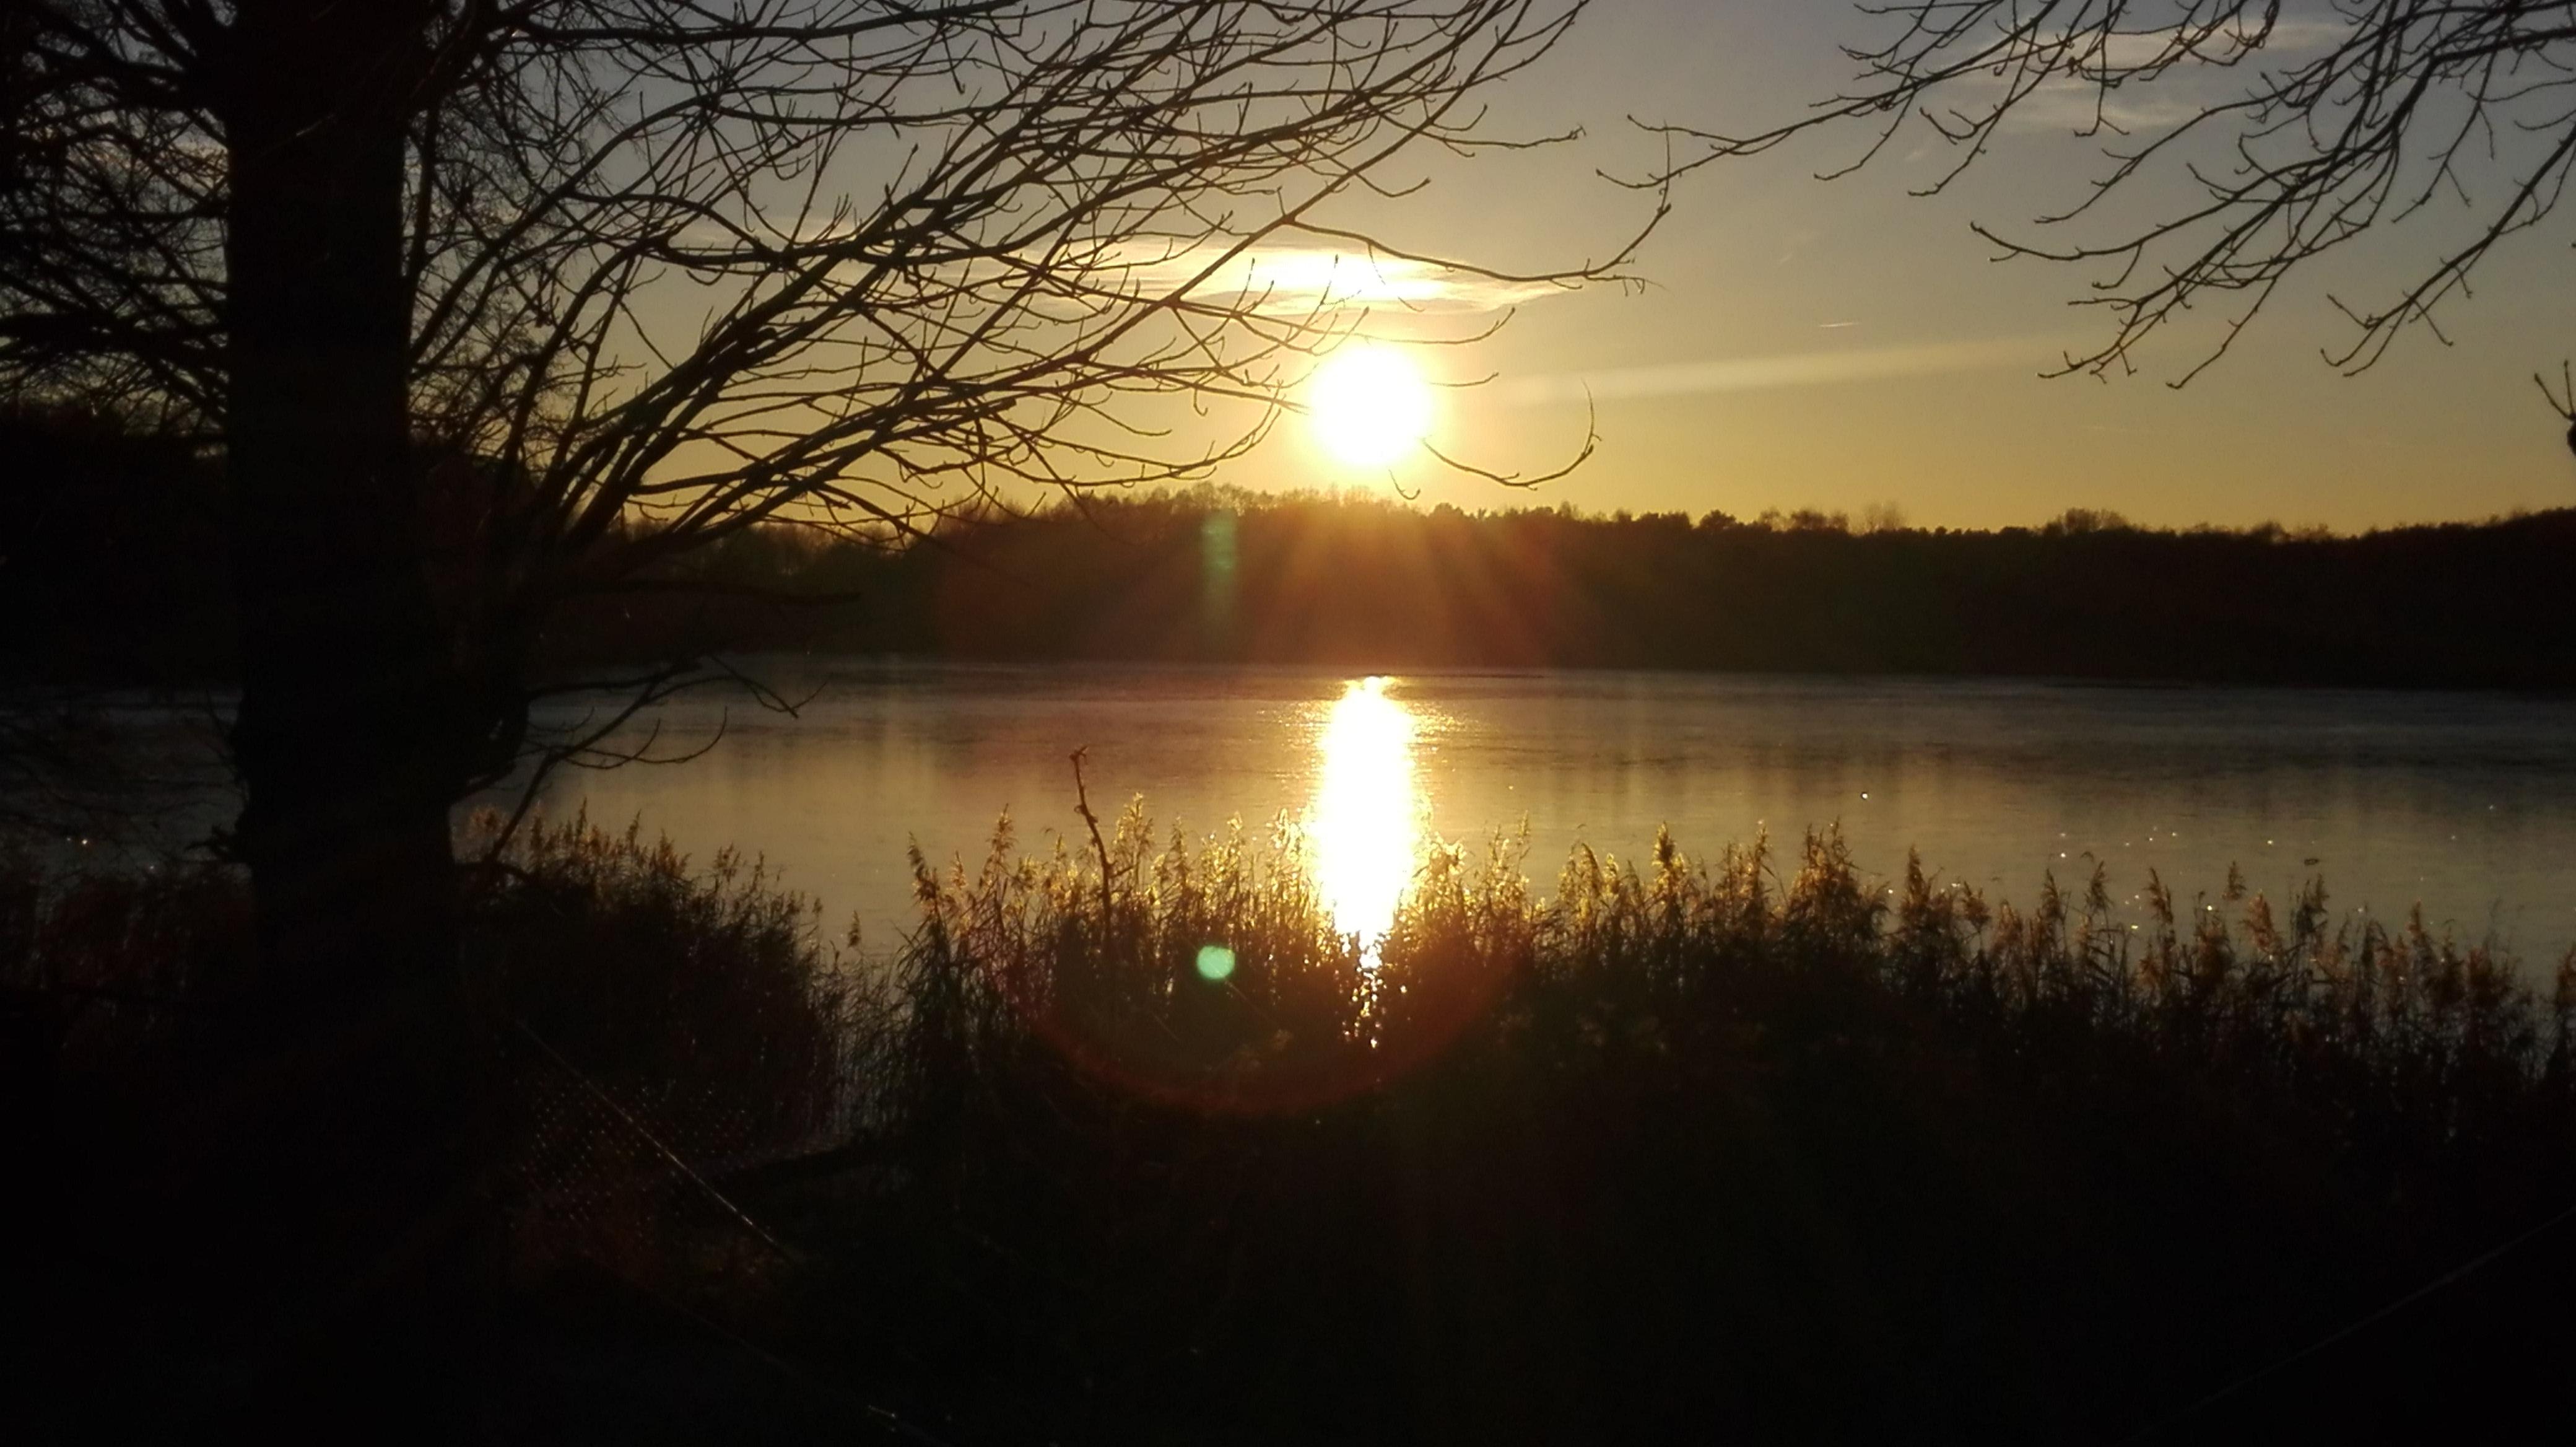 Sonnenuntergang winterhochzeit am see heiraten im winter